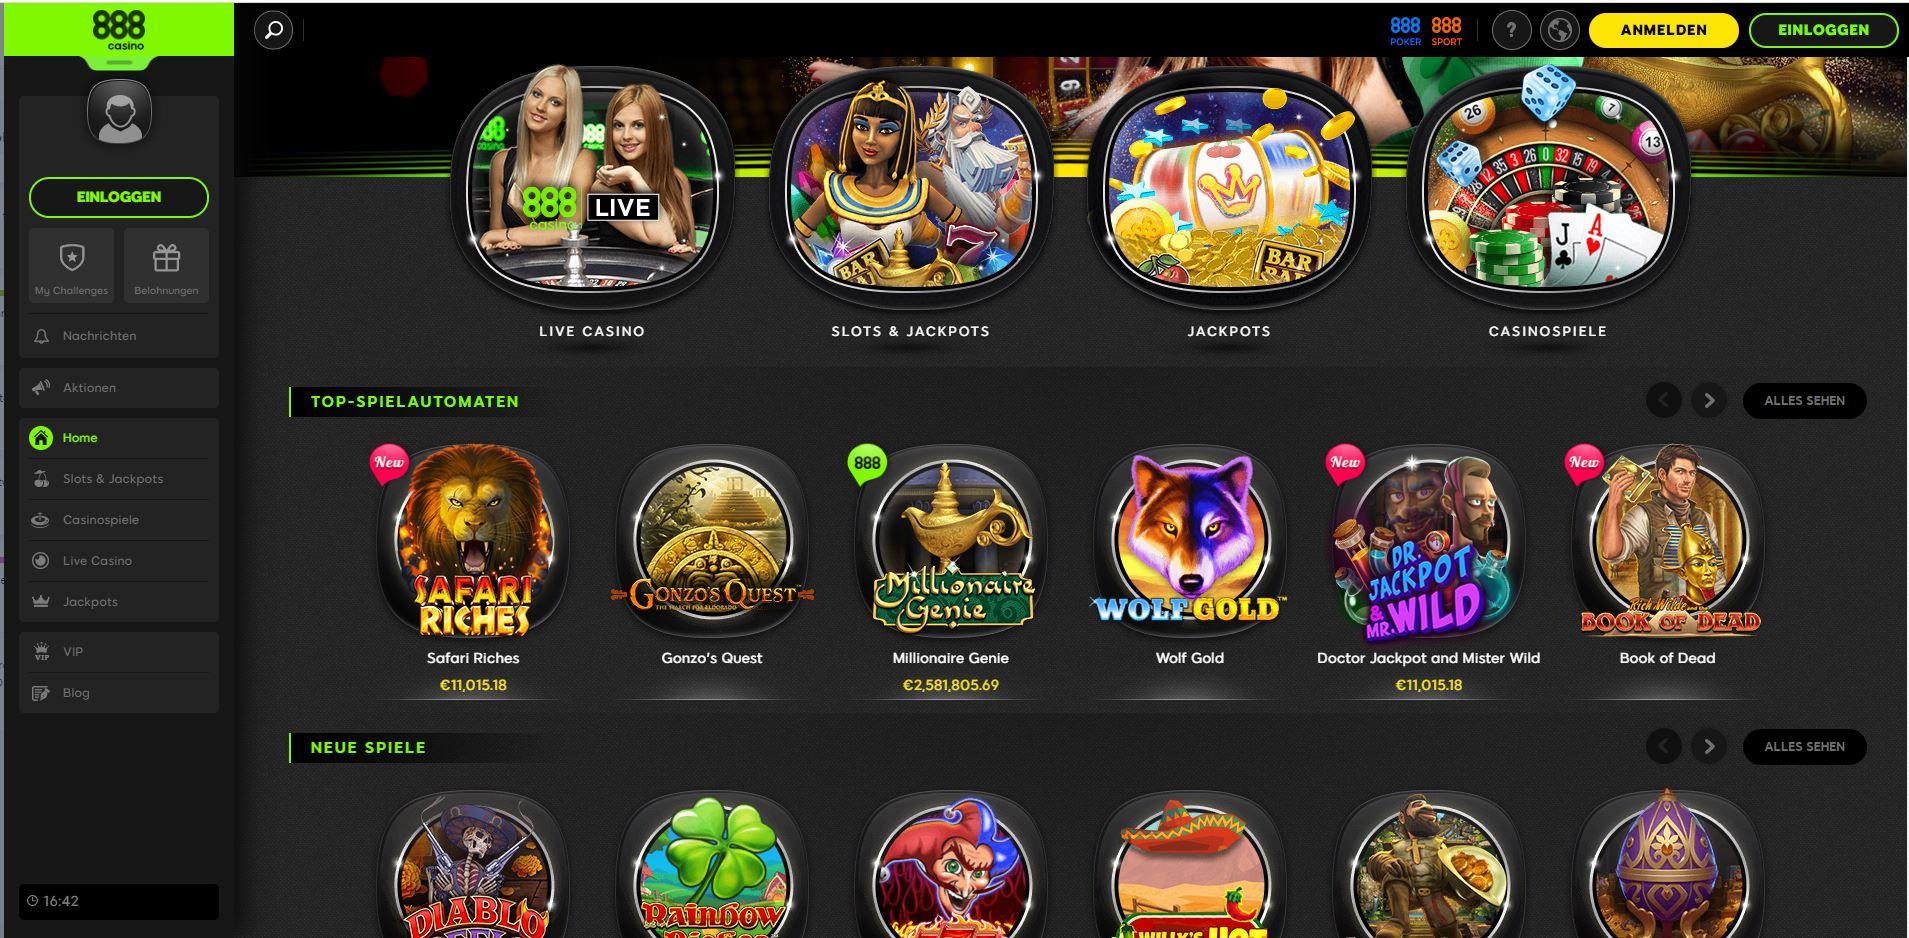 welches online casino ist das bestes welt spielcasino ohne einzahlung